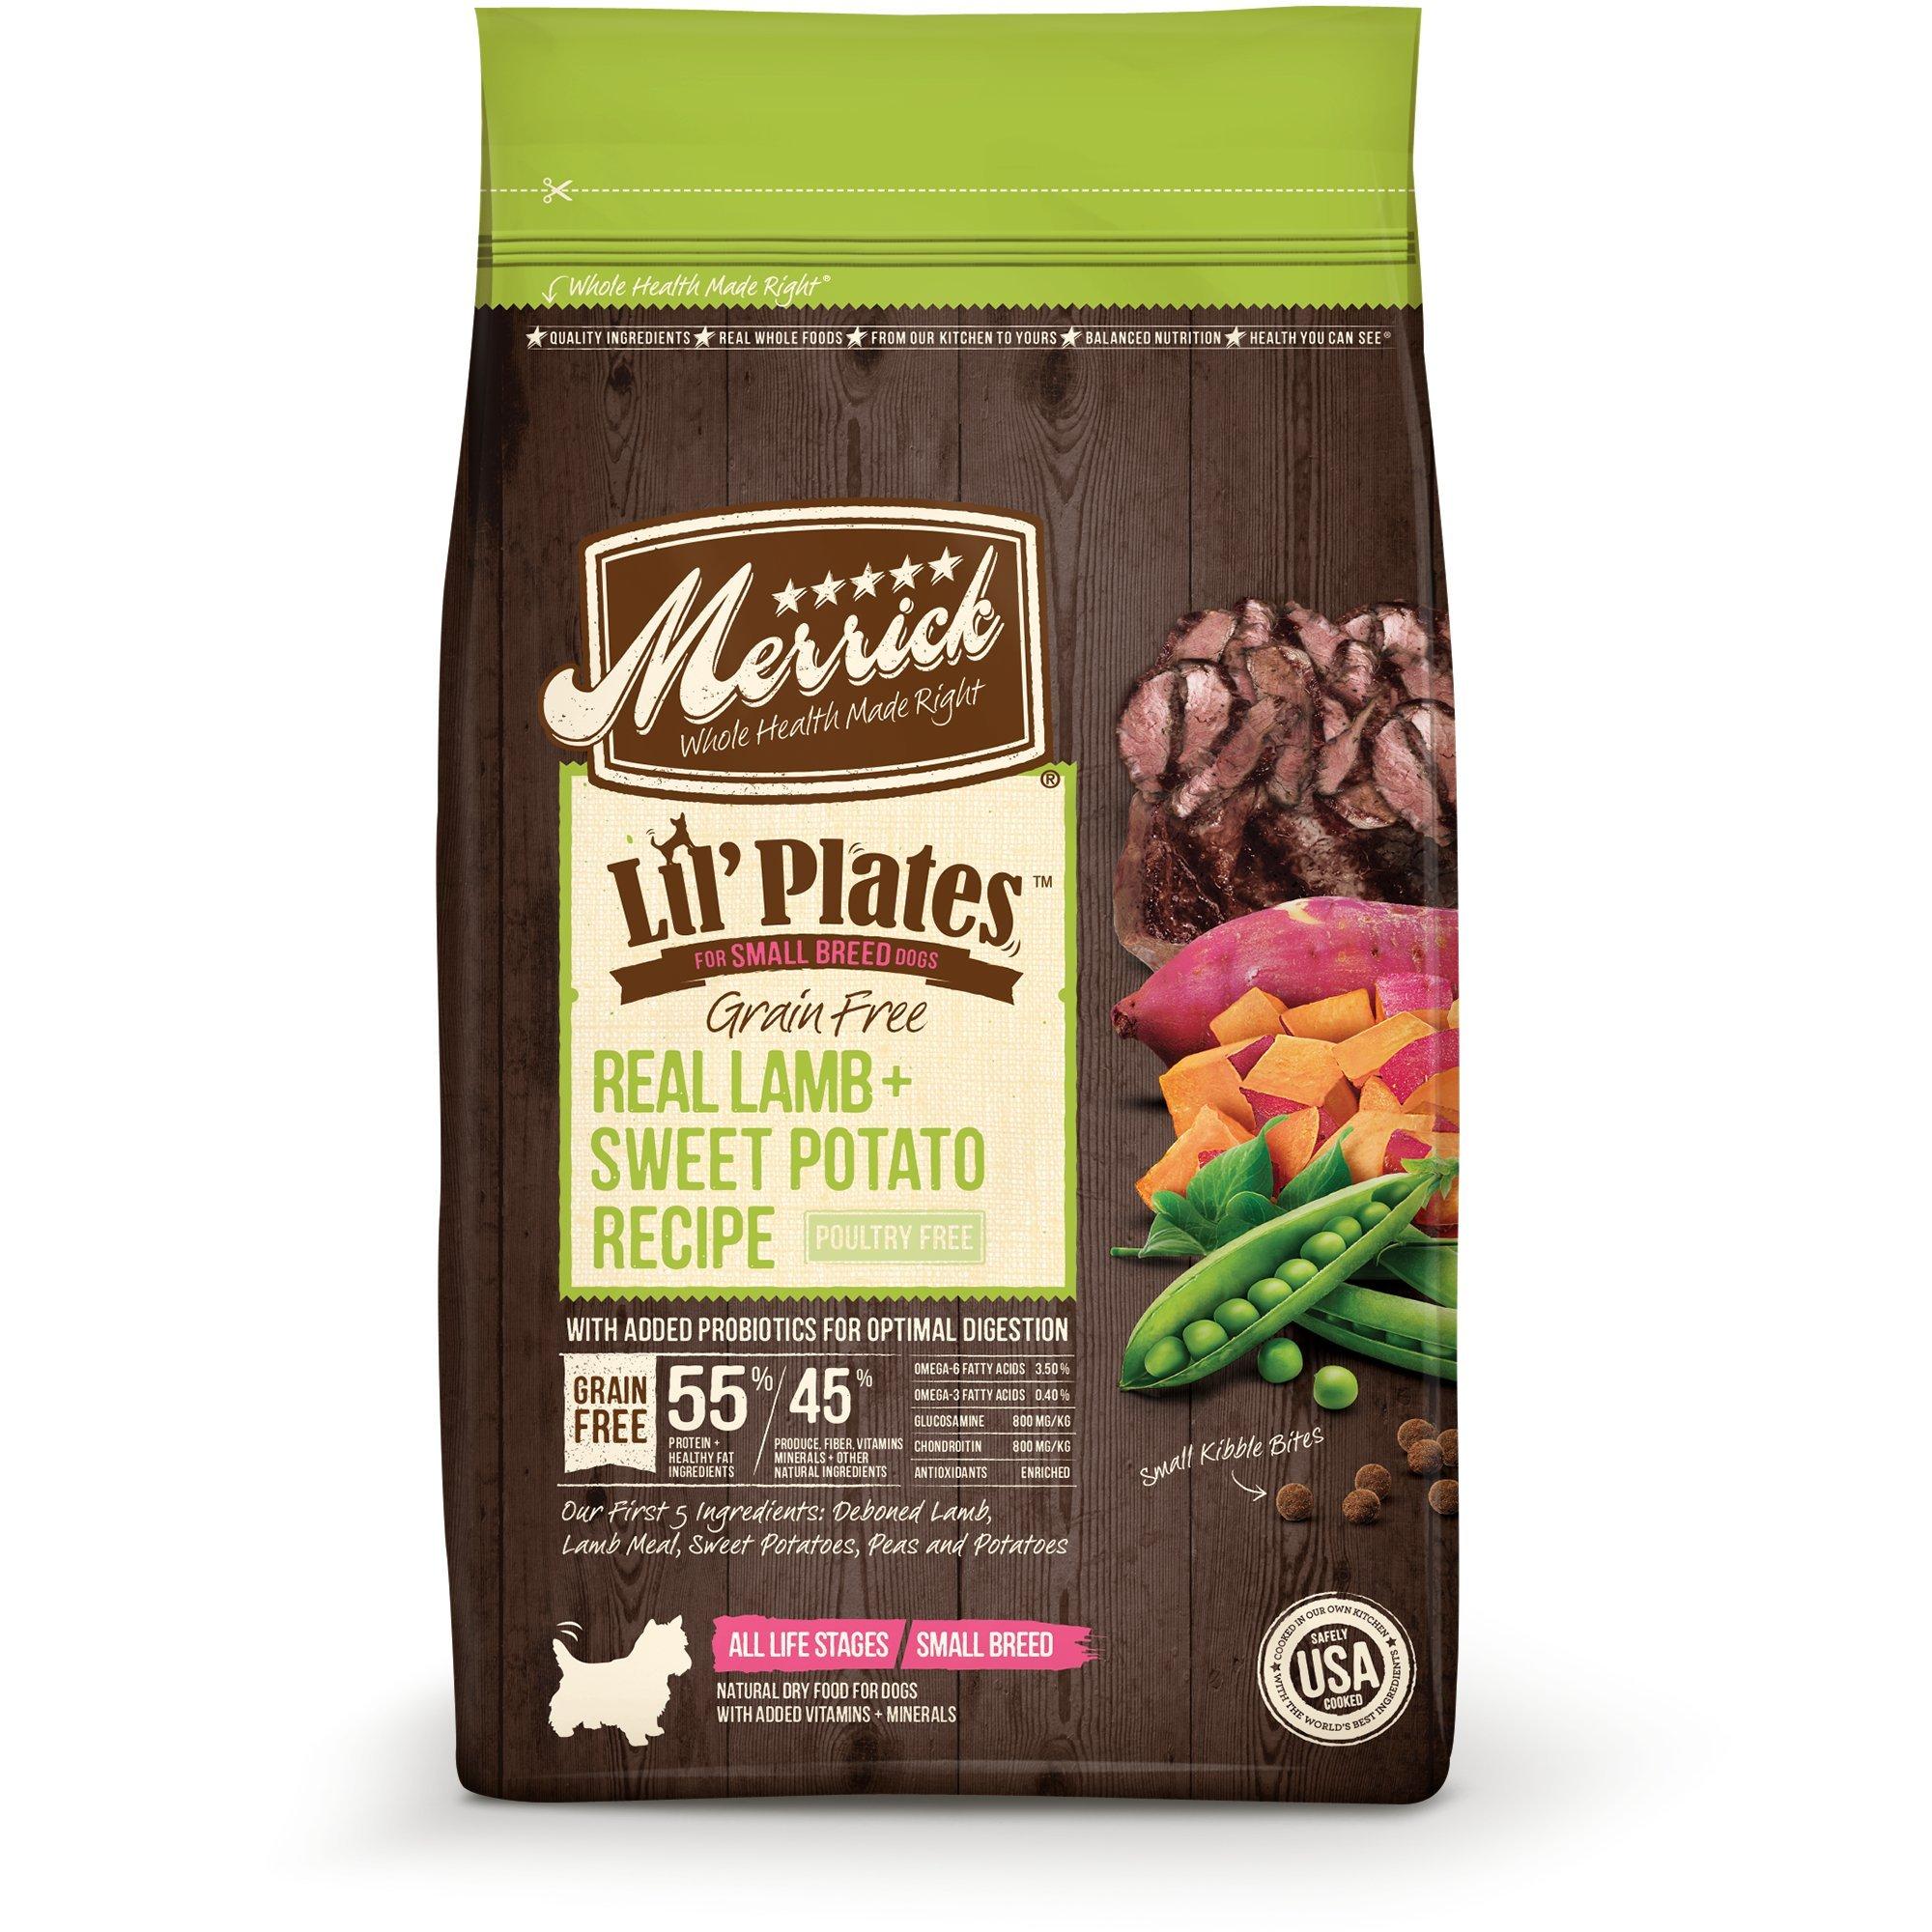 Merrick Lil' Plates Grain Free Real Lamb + Sweet Potato Small Breed Dry Dog Food, 4 lbs.